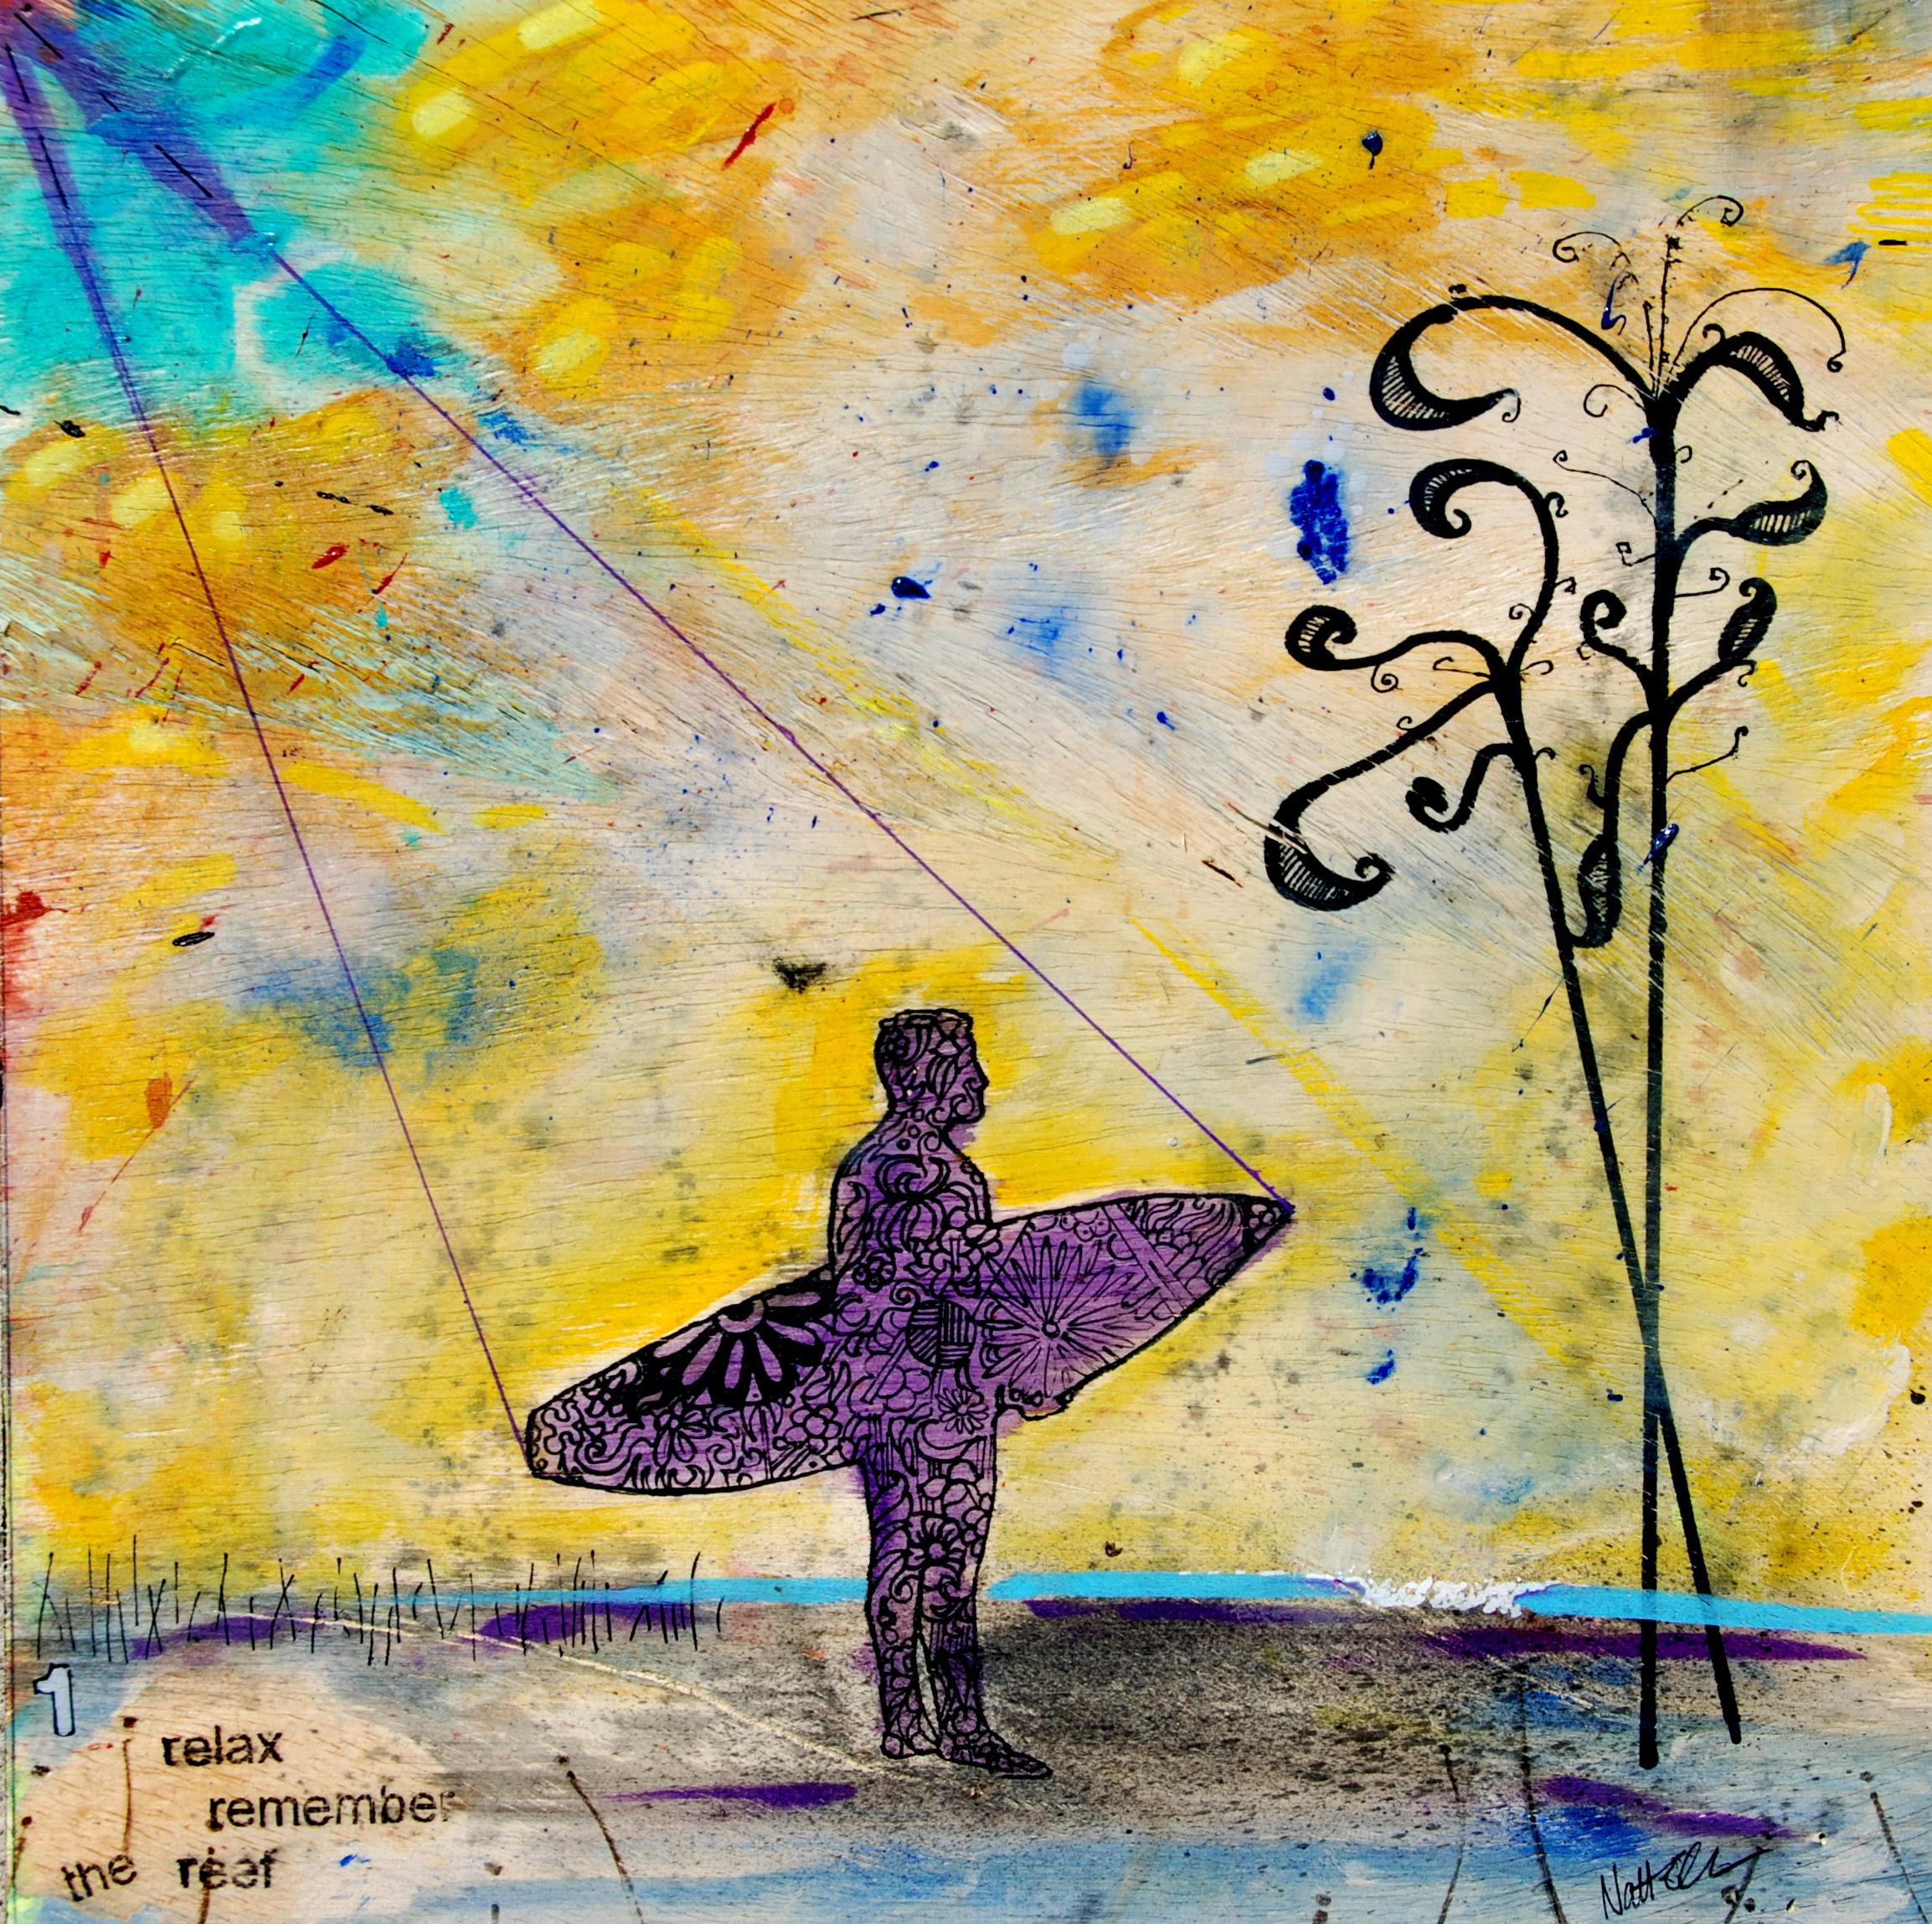 relax remeber the reef surf art.JPG